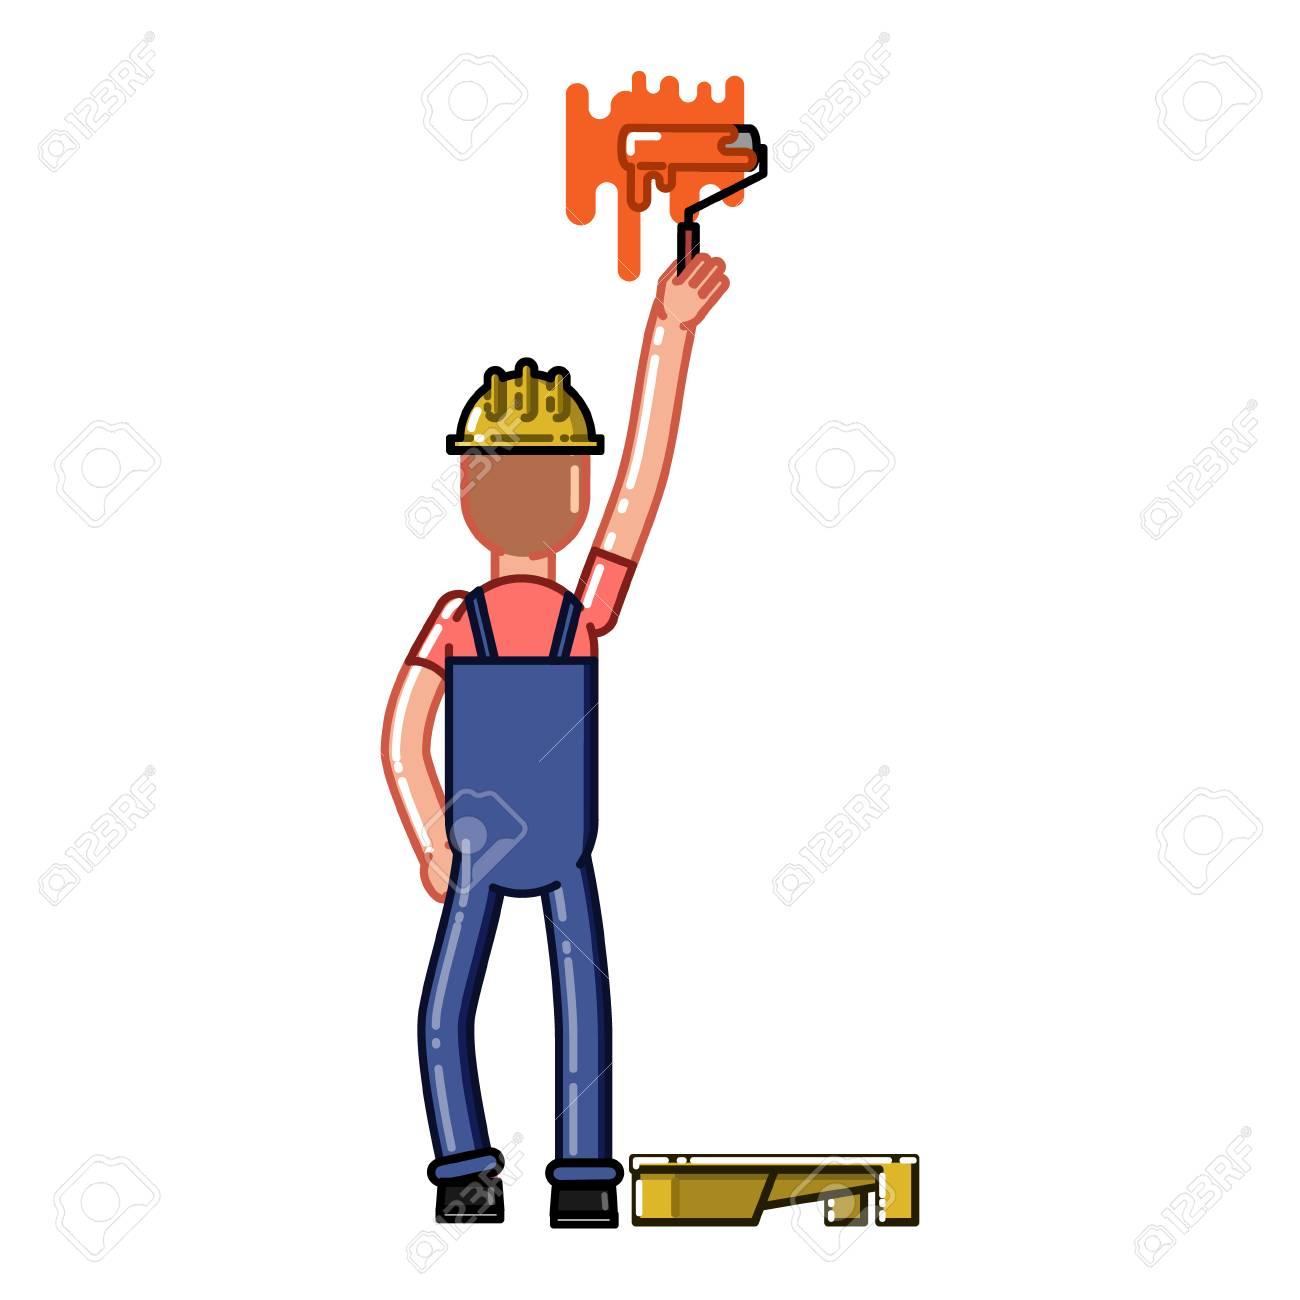 Builder Peindre Un Mur Avec Un Rouleau Illustration De Dessin Animé De Croquis De Vecteur